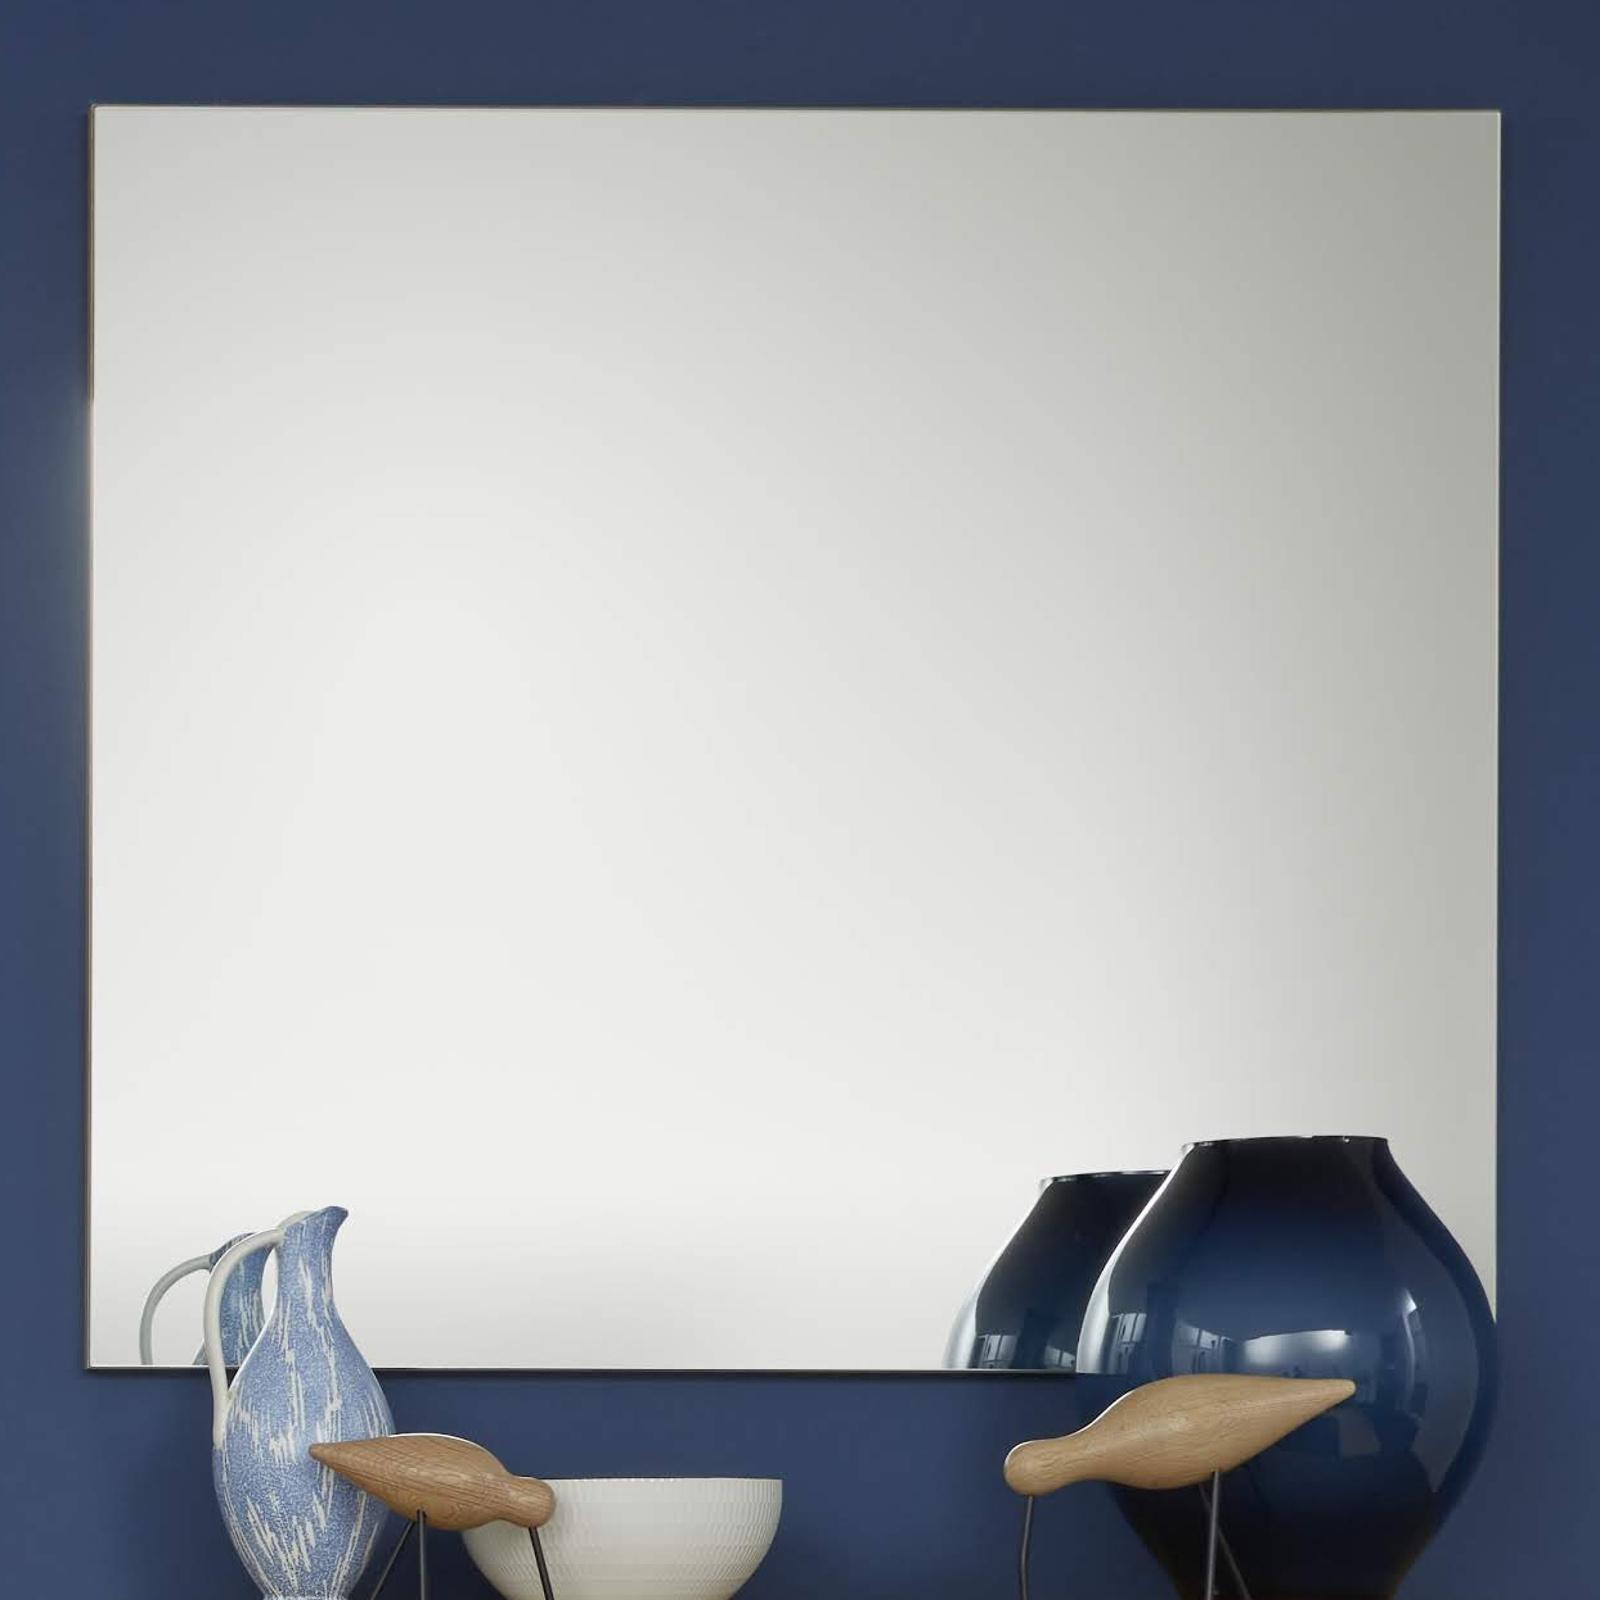 schlafzimmer massiv eiche torrent2 designerm bel moderne m bel owl. Black Bedroom Furniture Sets. Home Design Ideas